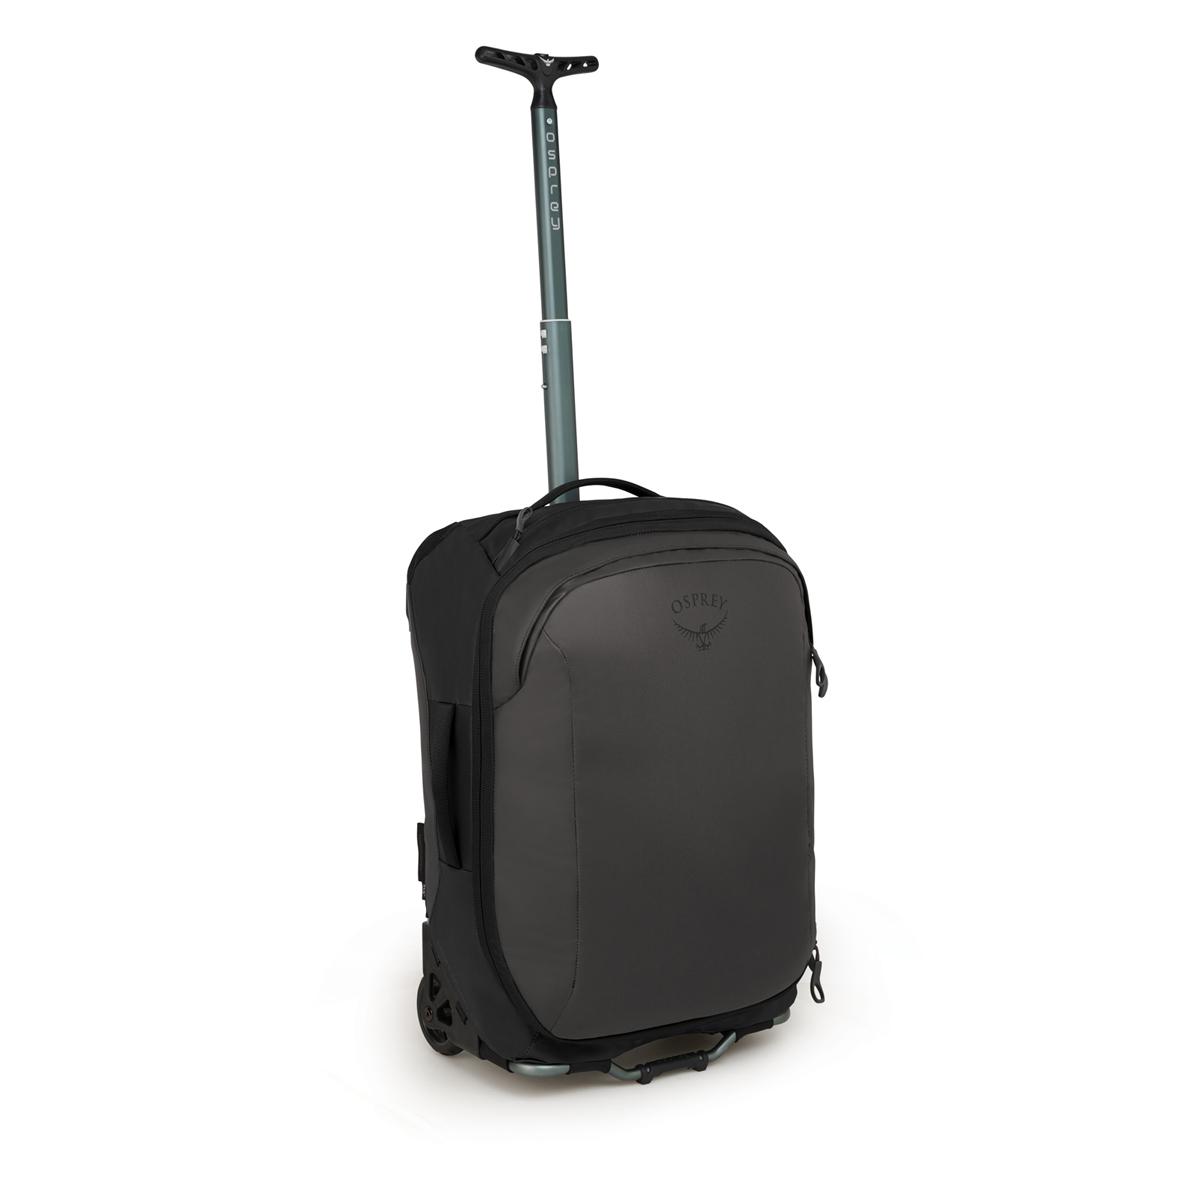 OSPREY オスプレー トランスポーター トランスポーターウィールド キャリーオン ブラック 38L OS55130 (P10)ホイールバッグ スーツケース 2輪 機内持ち込みサイズ